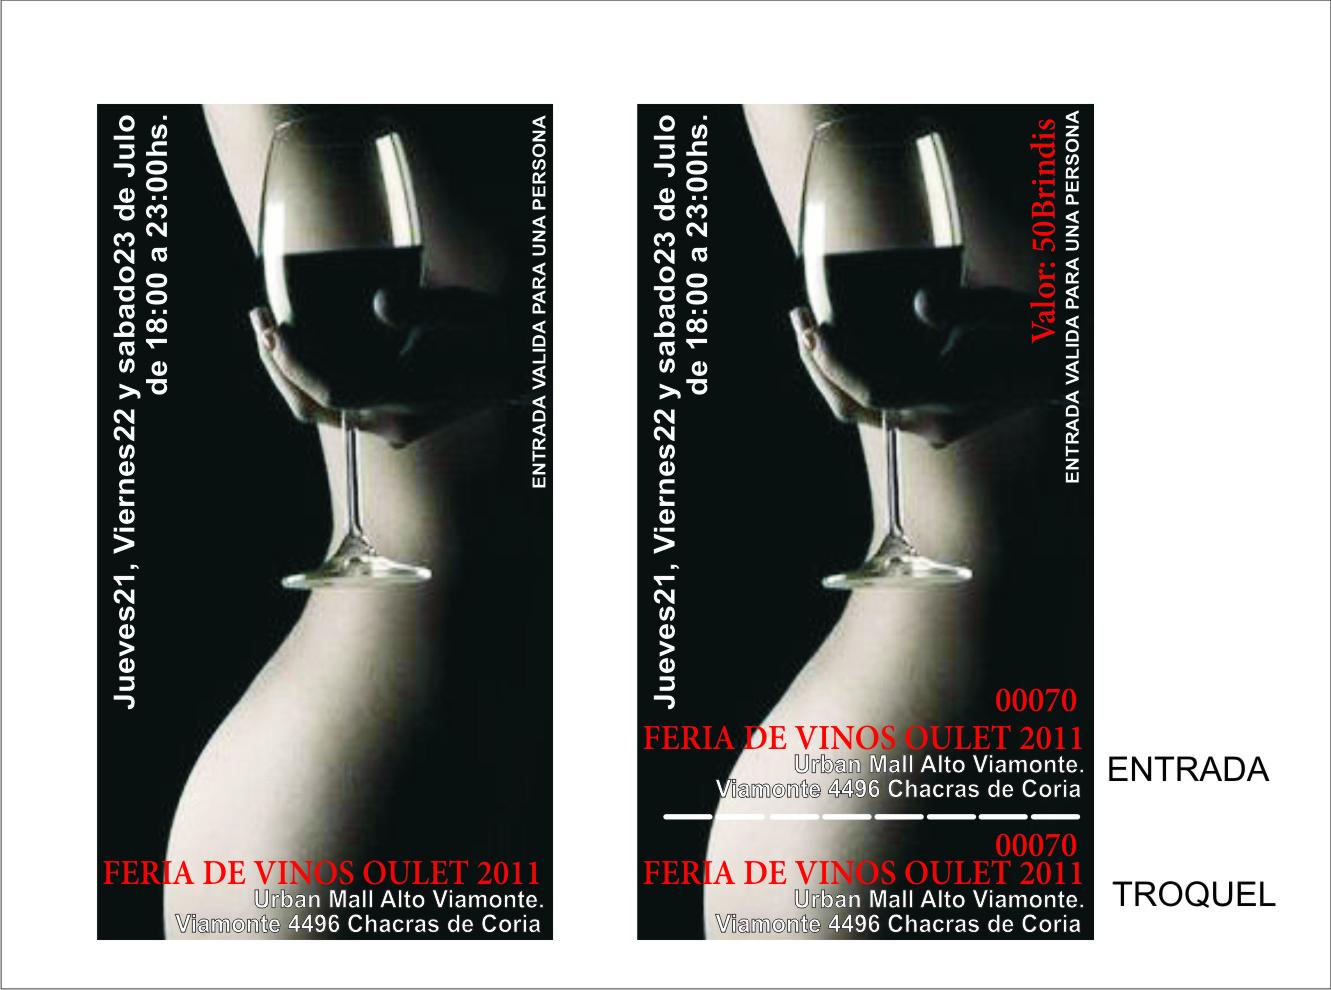 Awd resumen de la feria de vinos outlet 2011 en chacras for Terrazas urban mall chacras de coria